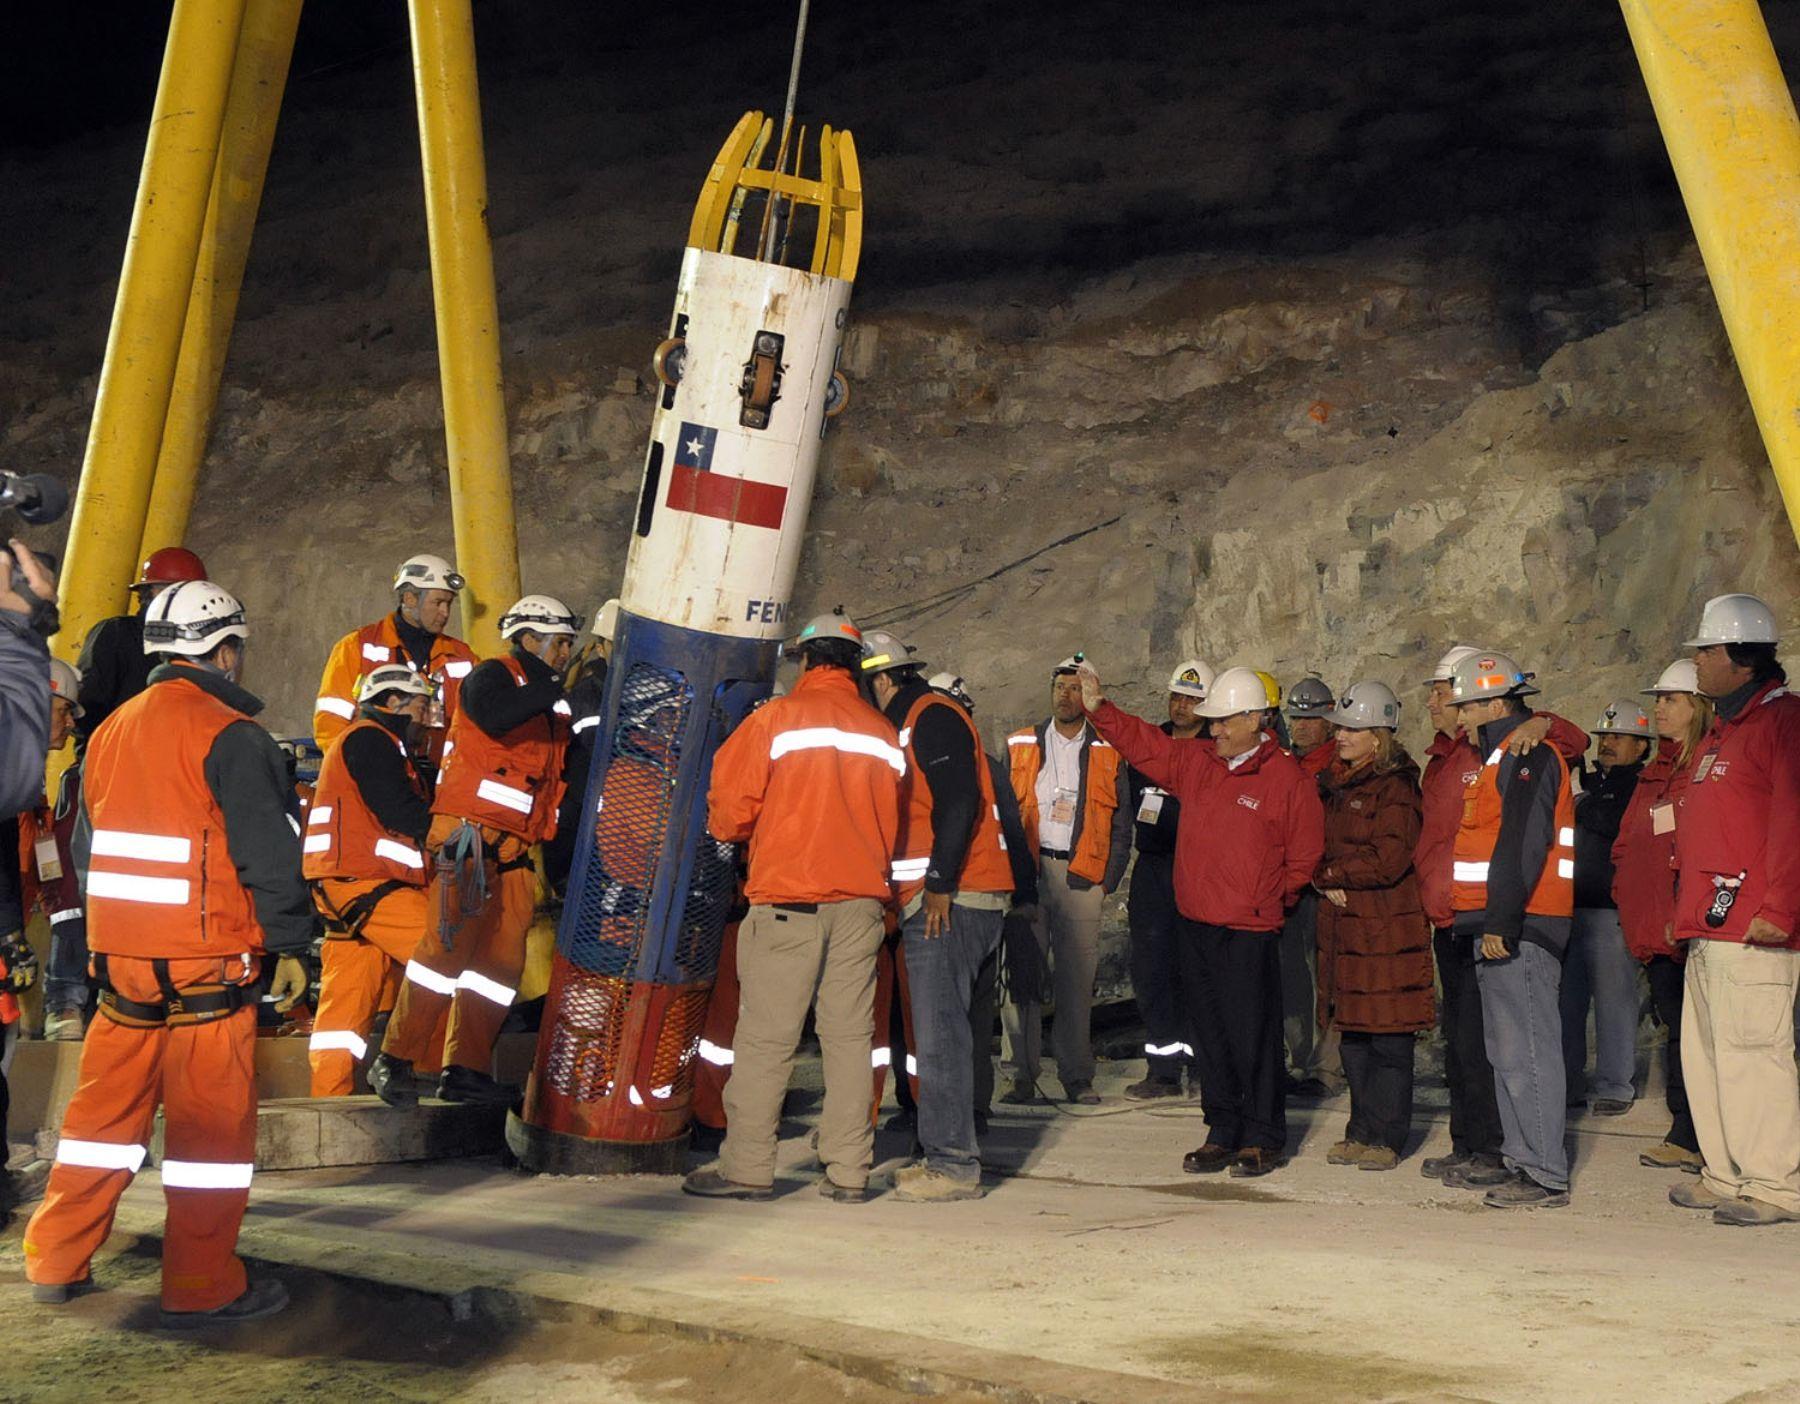 Los 33 mineros chilenos pasaron 70 días a 700 metros bajo tierra